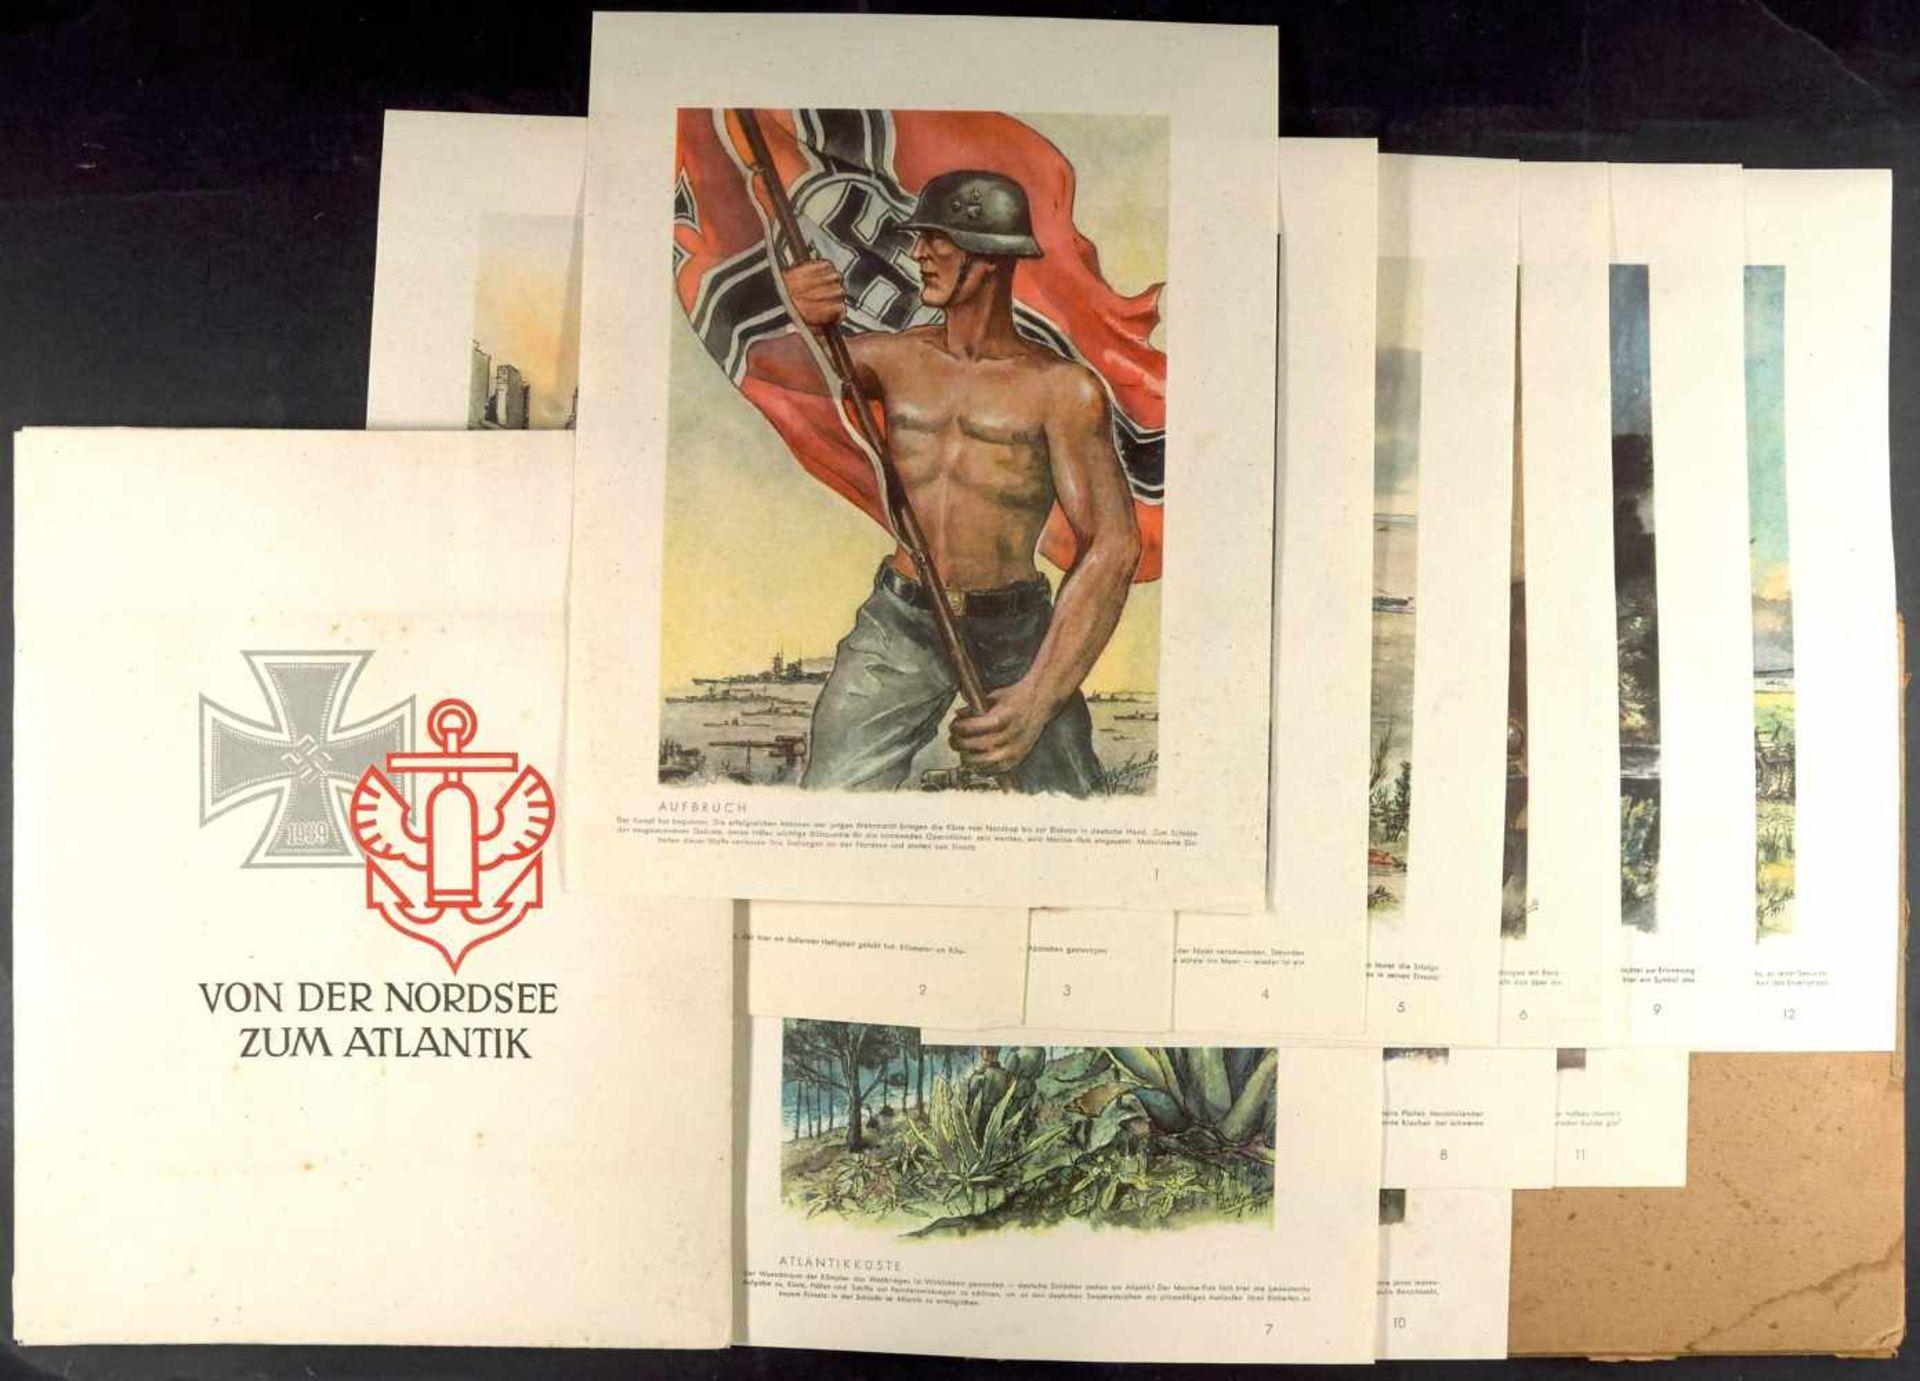 """Fotoalben, militärische Einzelfotos, Postkarten 1941, Bildermappe """"Von der Nordsee zum Atlantik"""","""